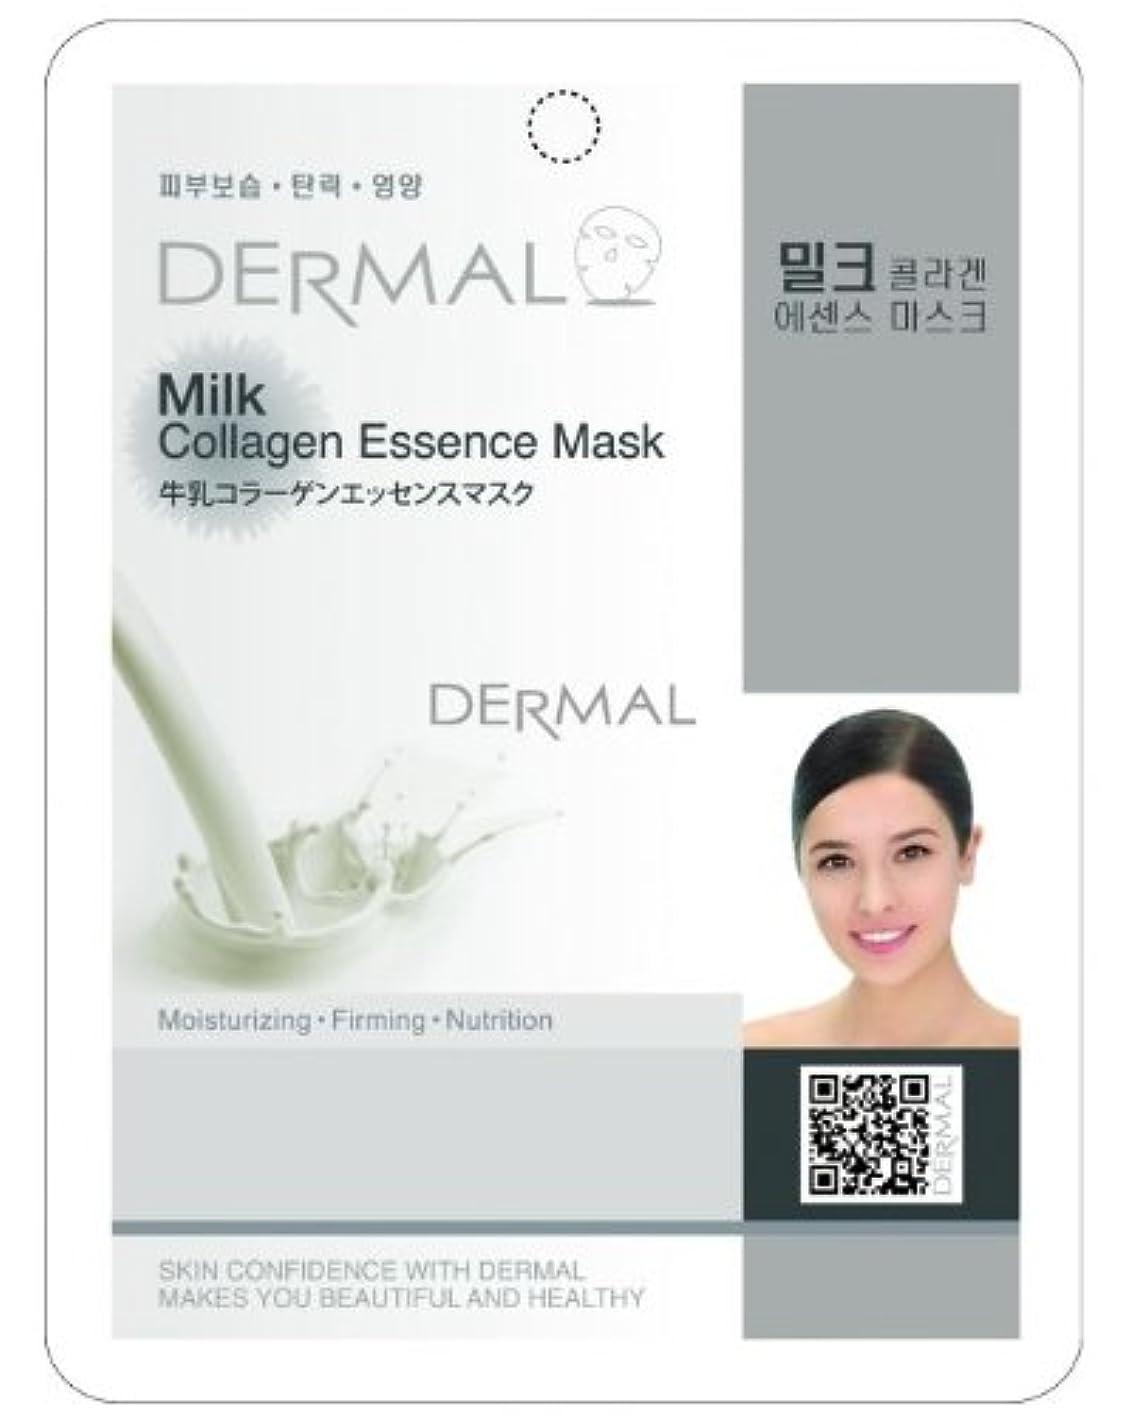 きつくチャップ卵ミルクシートマスク(フェイスパック) 100枚セット ダーマル(Dermal)